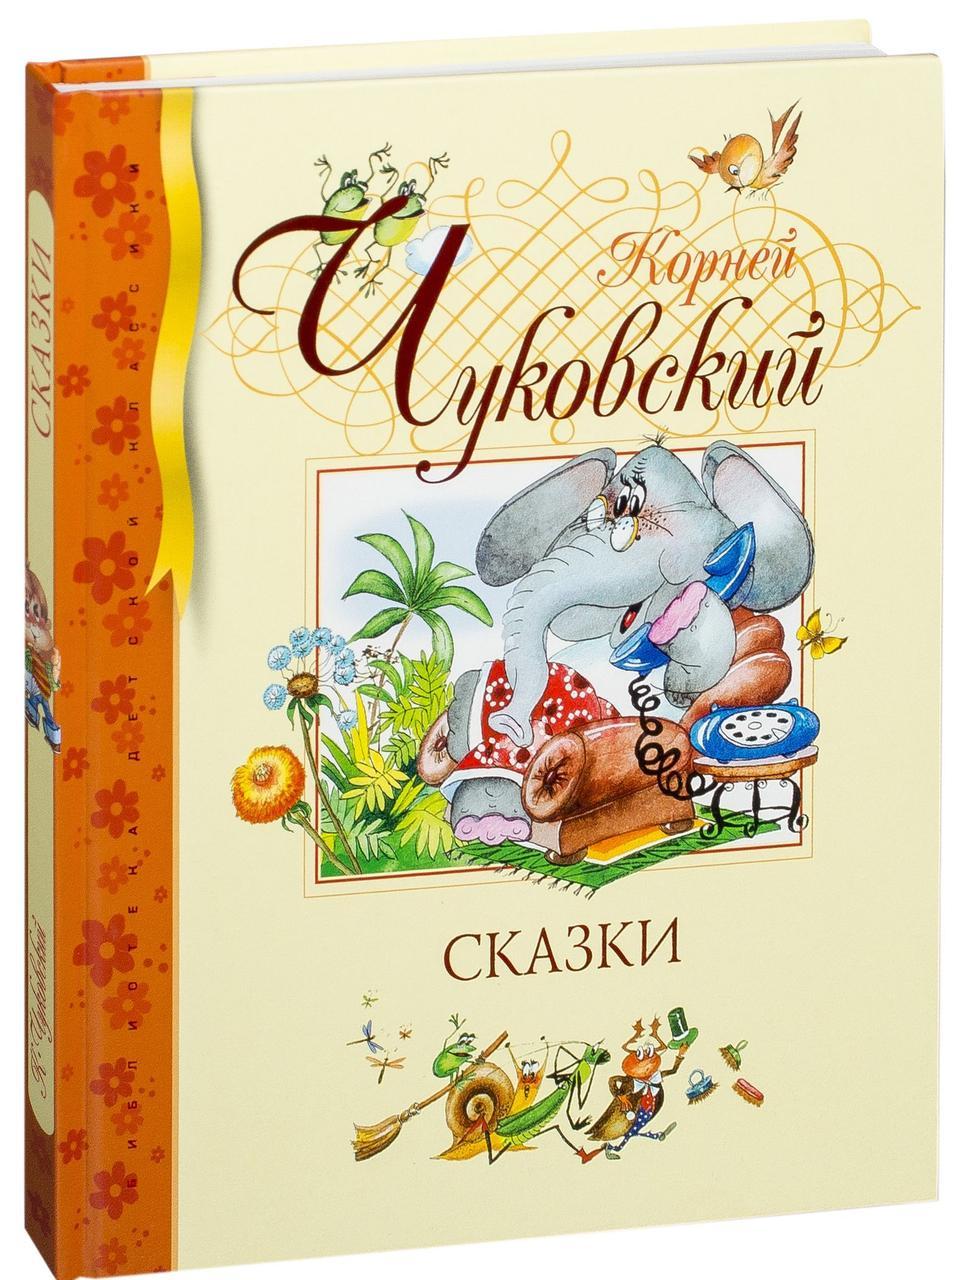 Сказки. Книга Корнея Чуковского